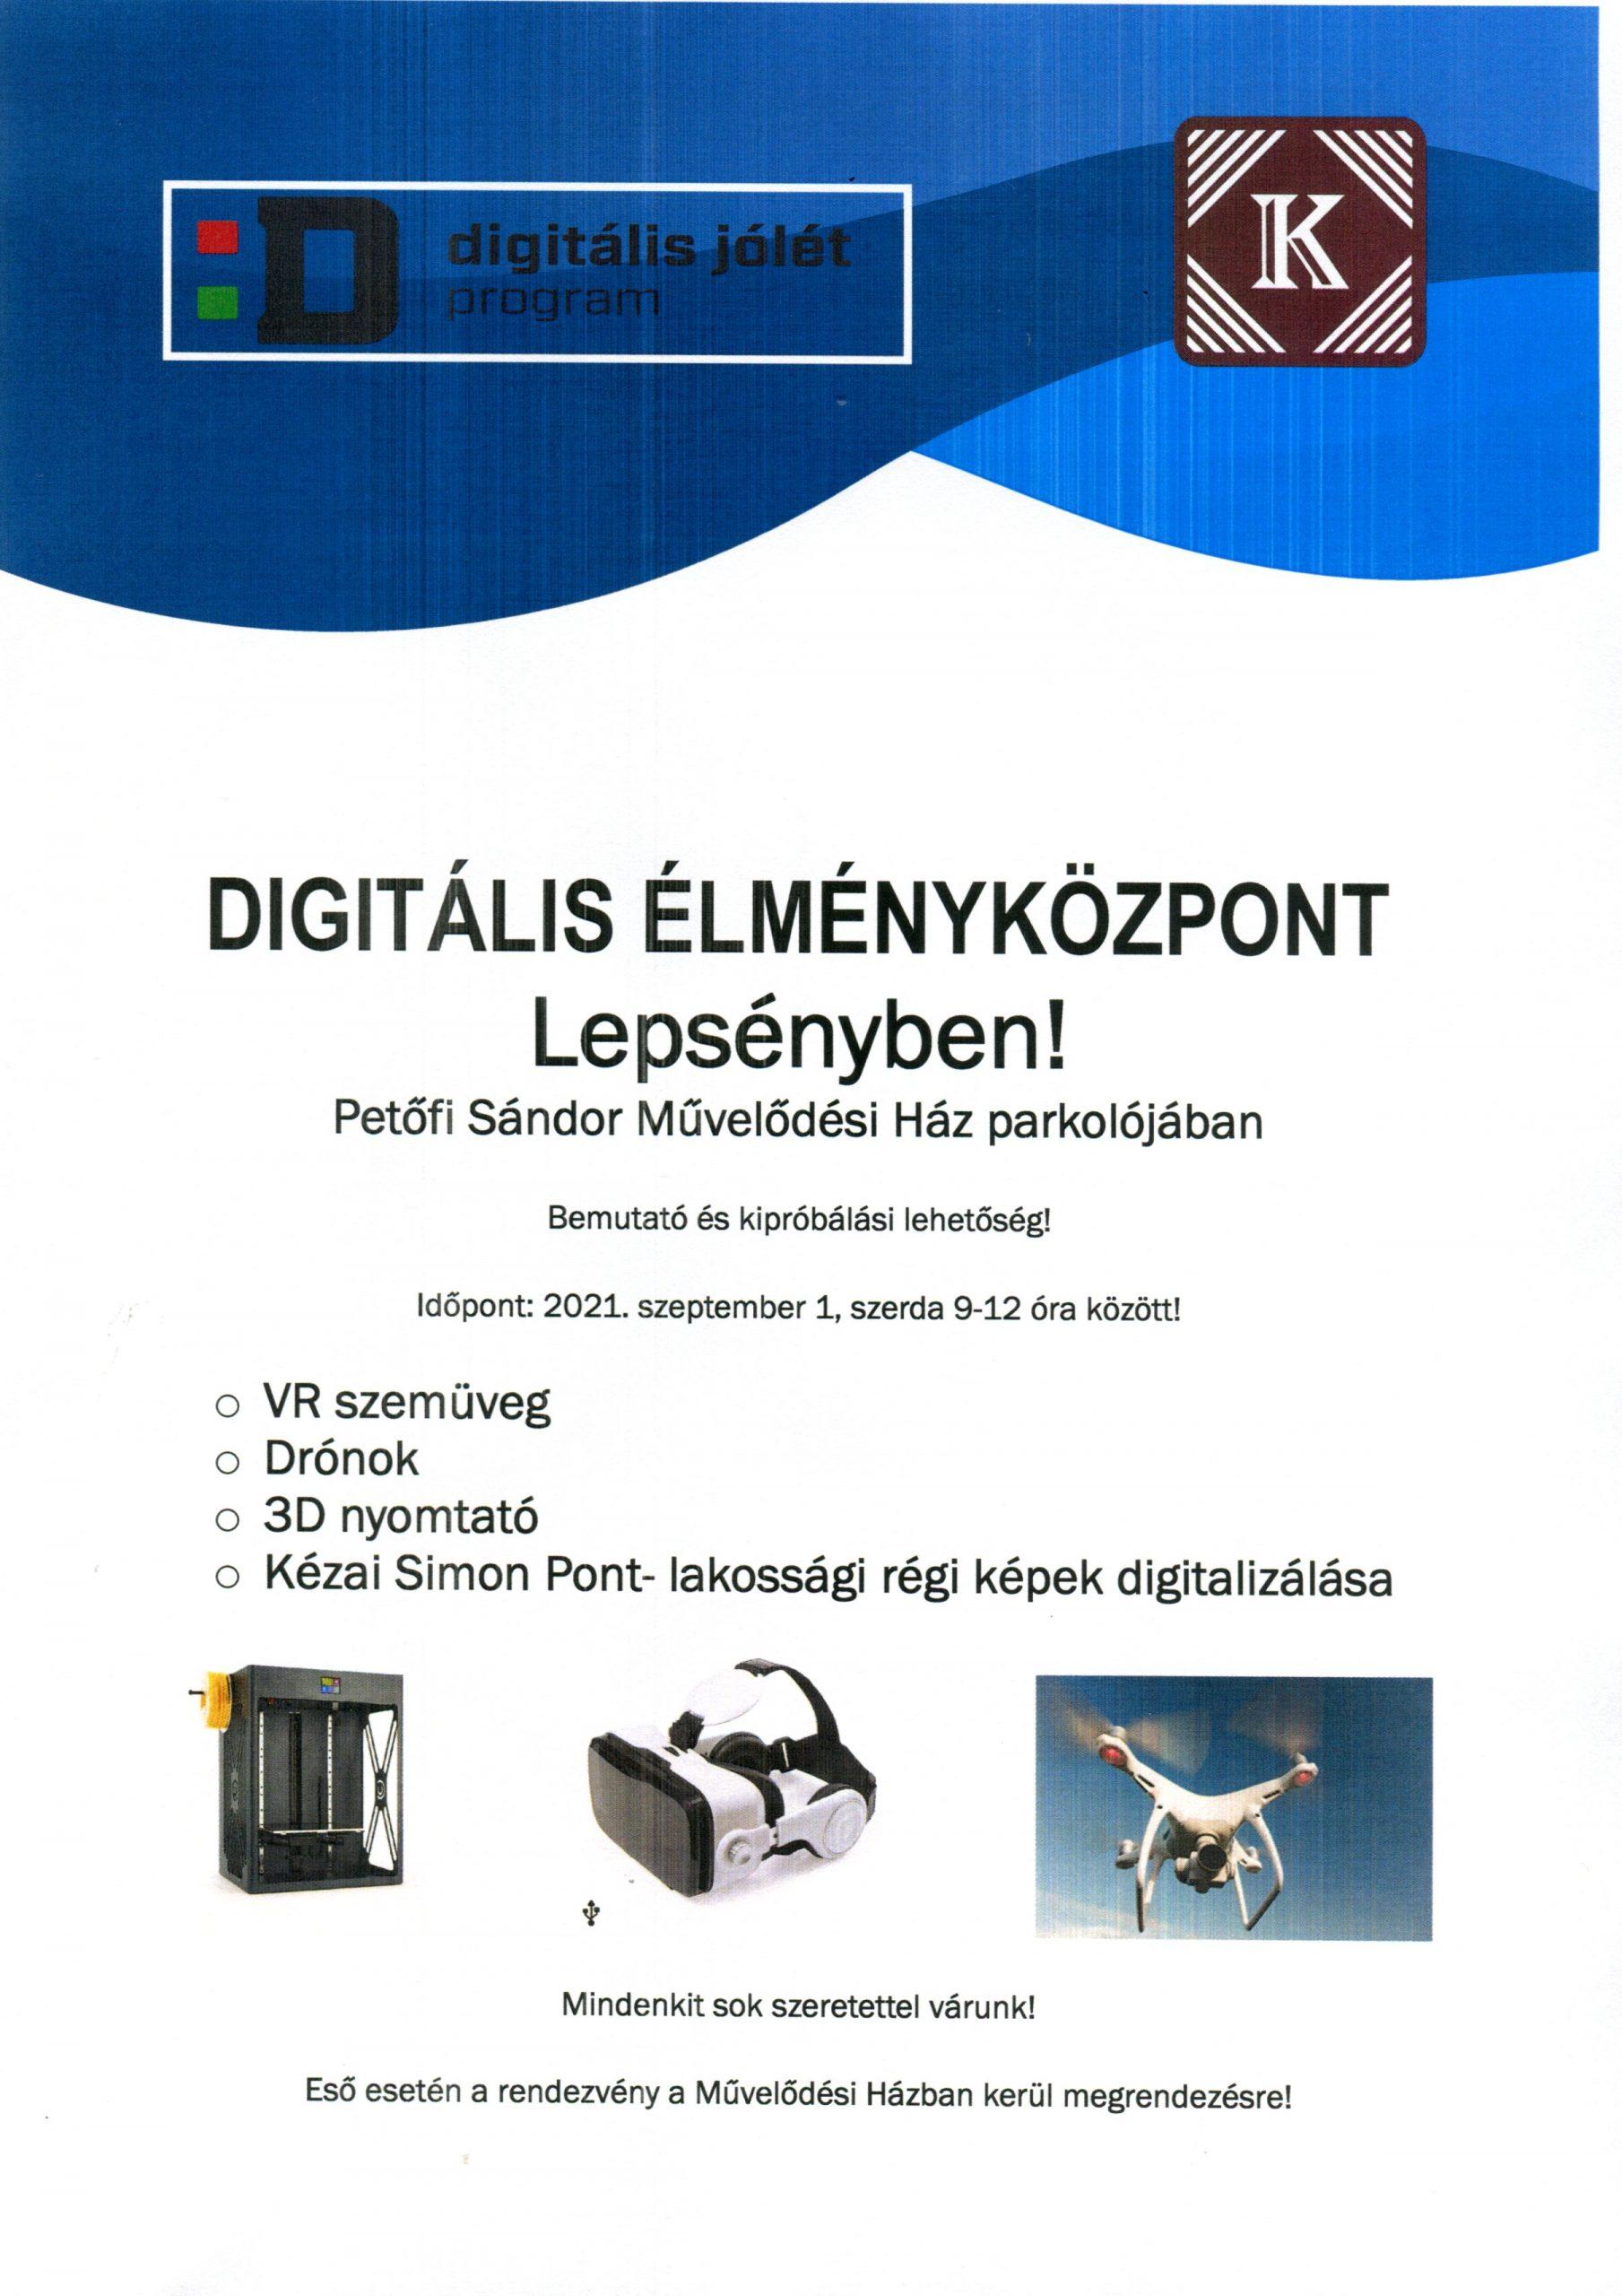 Szeptember 1. szerda 9-12 óra között a Petőfi Sándor Művelődési Ház parkolójában. VR szemüveg, drónok, 3D nyomtató, régi képek digitalizálása, bemutató és kipróbálási lehetőség.